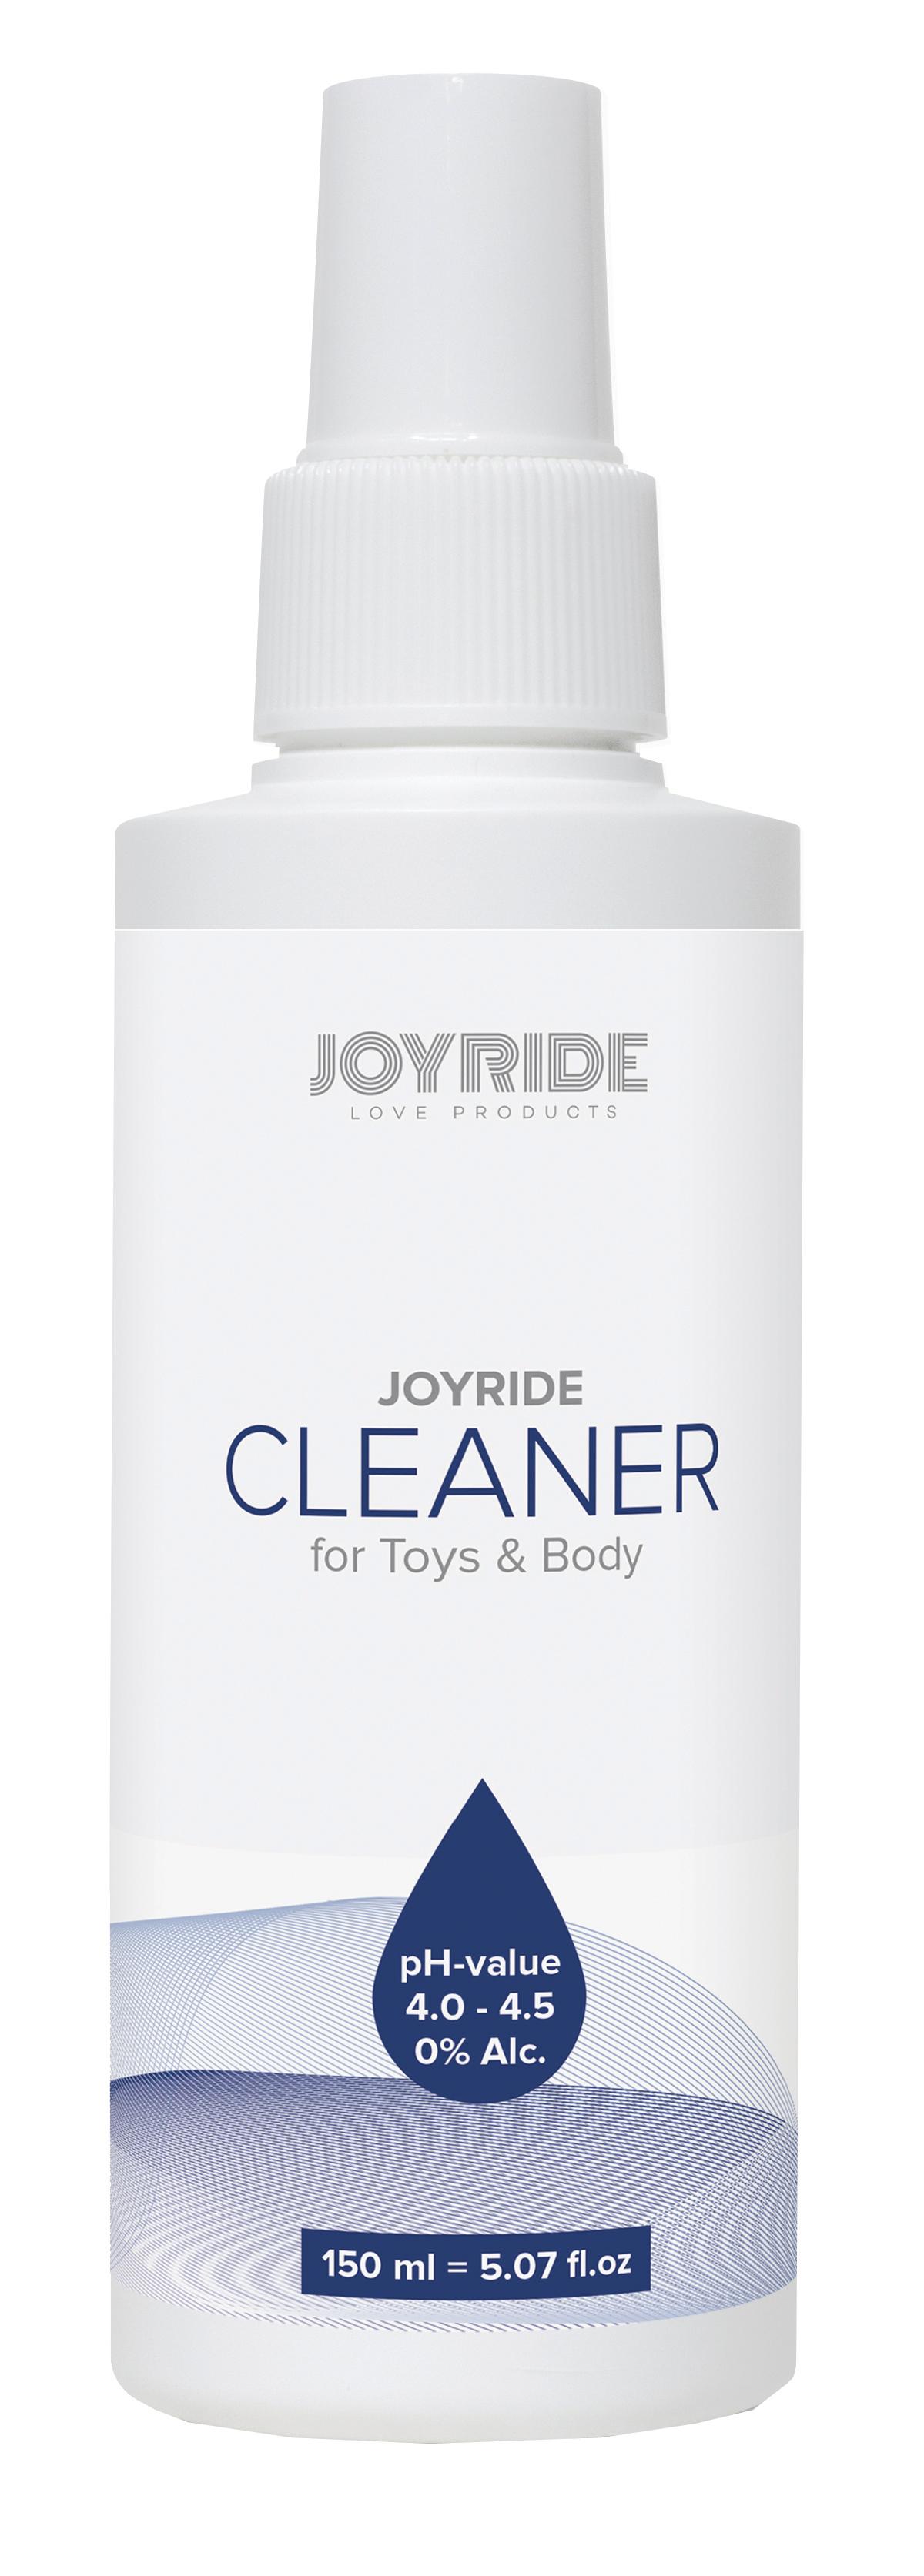 Cleaner | Reinigung für Yoni-Eier, Lovetoys und Intimbereich